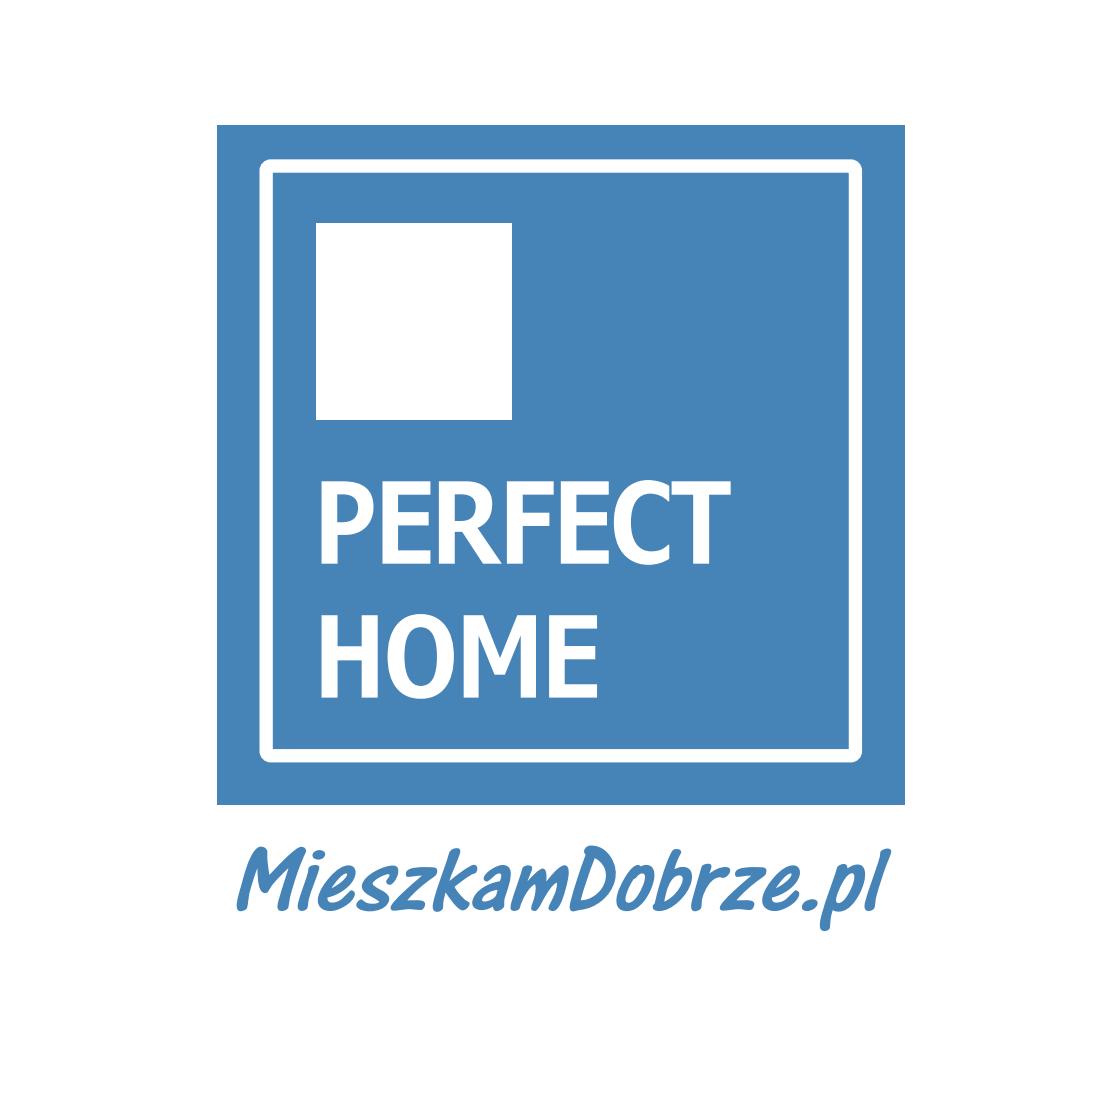 Perfect Home- mieszkamdobrze.pl